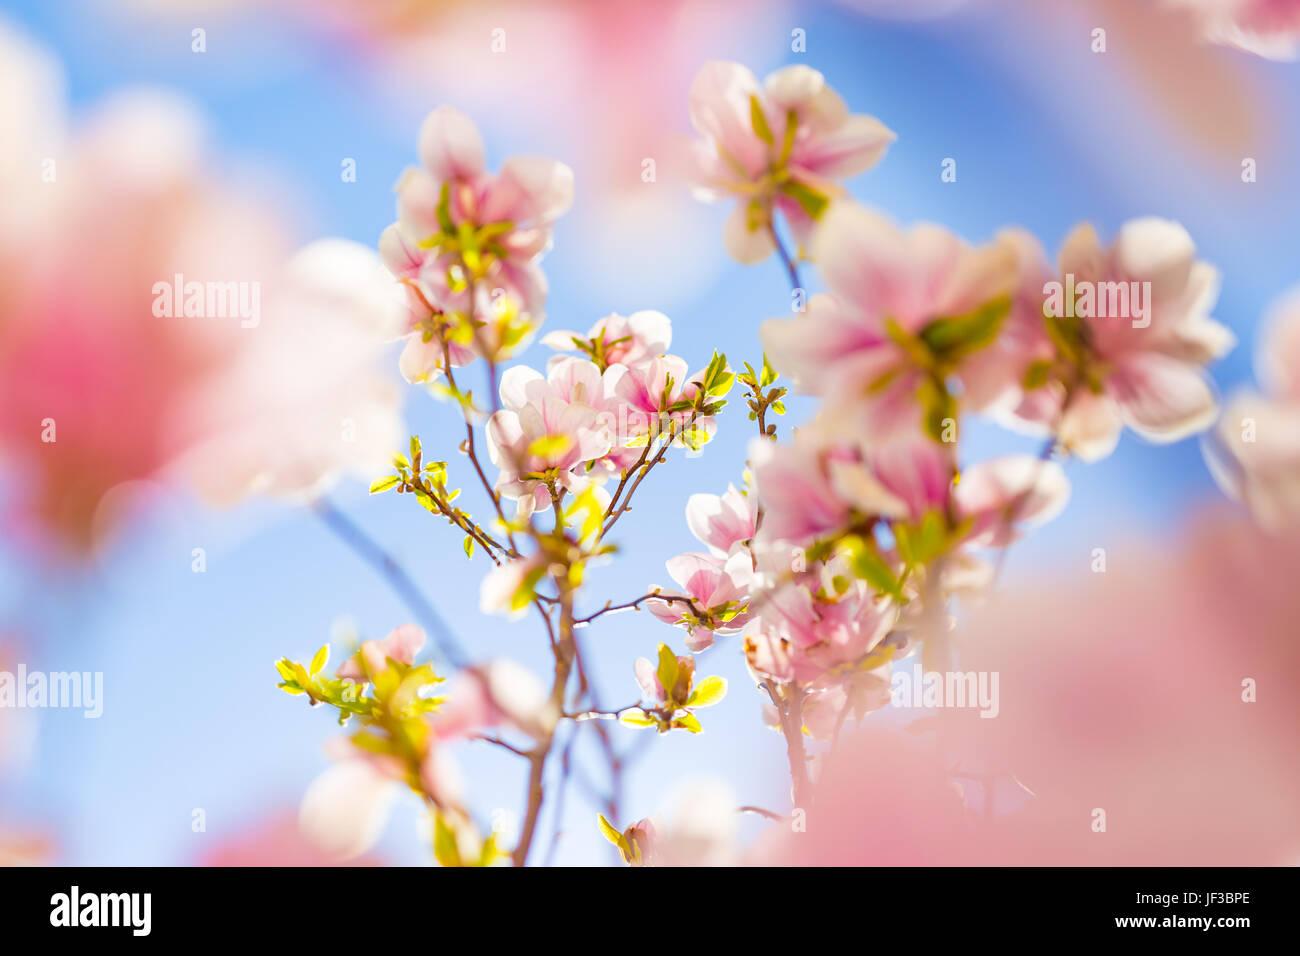 Incredibile Fiori Di Primavera Sullo Sfondo Luminosa E Morbida